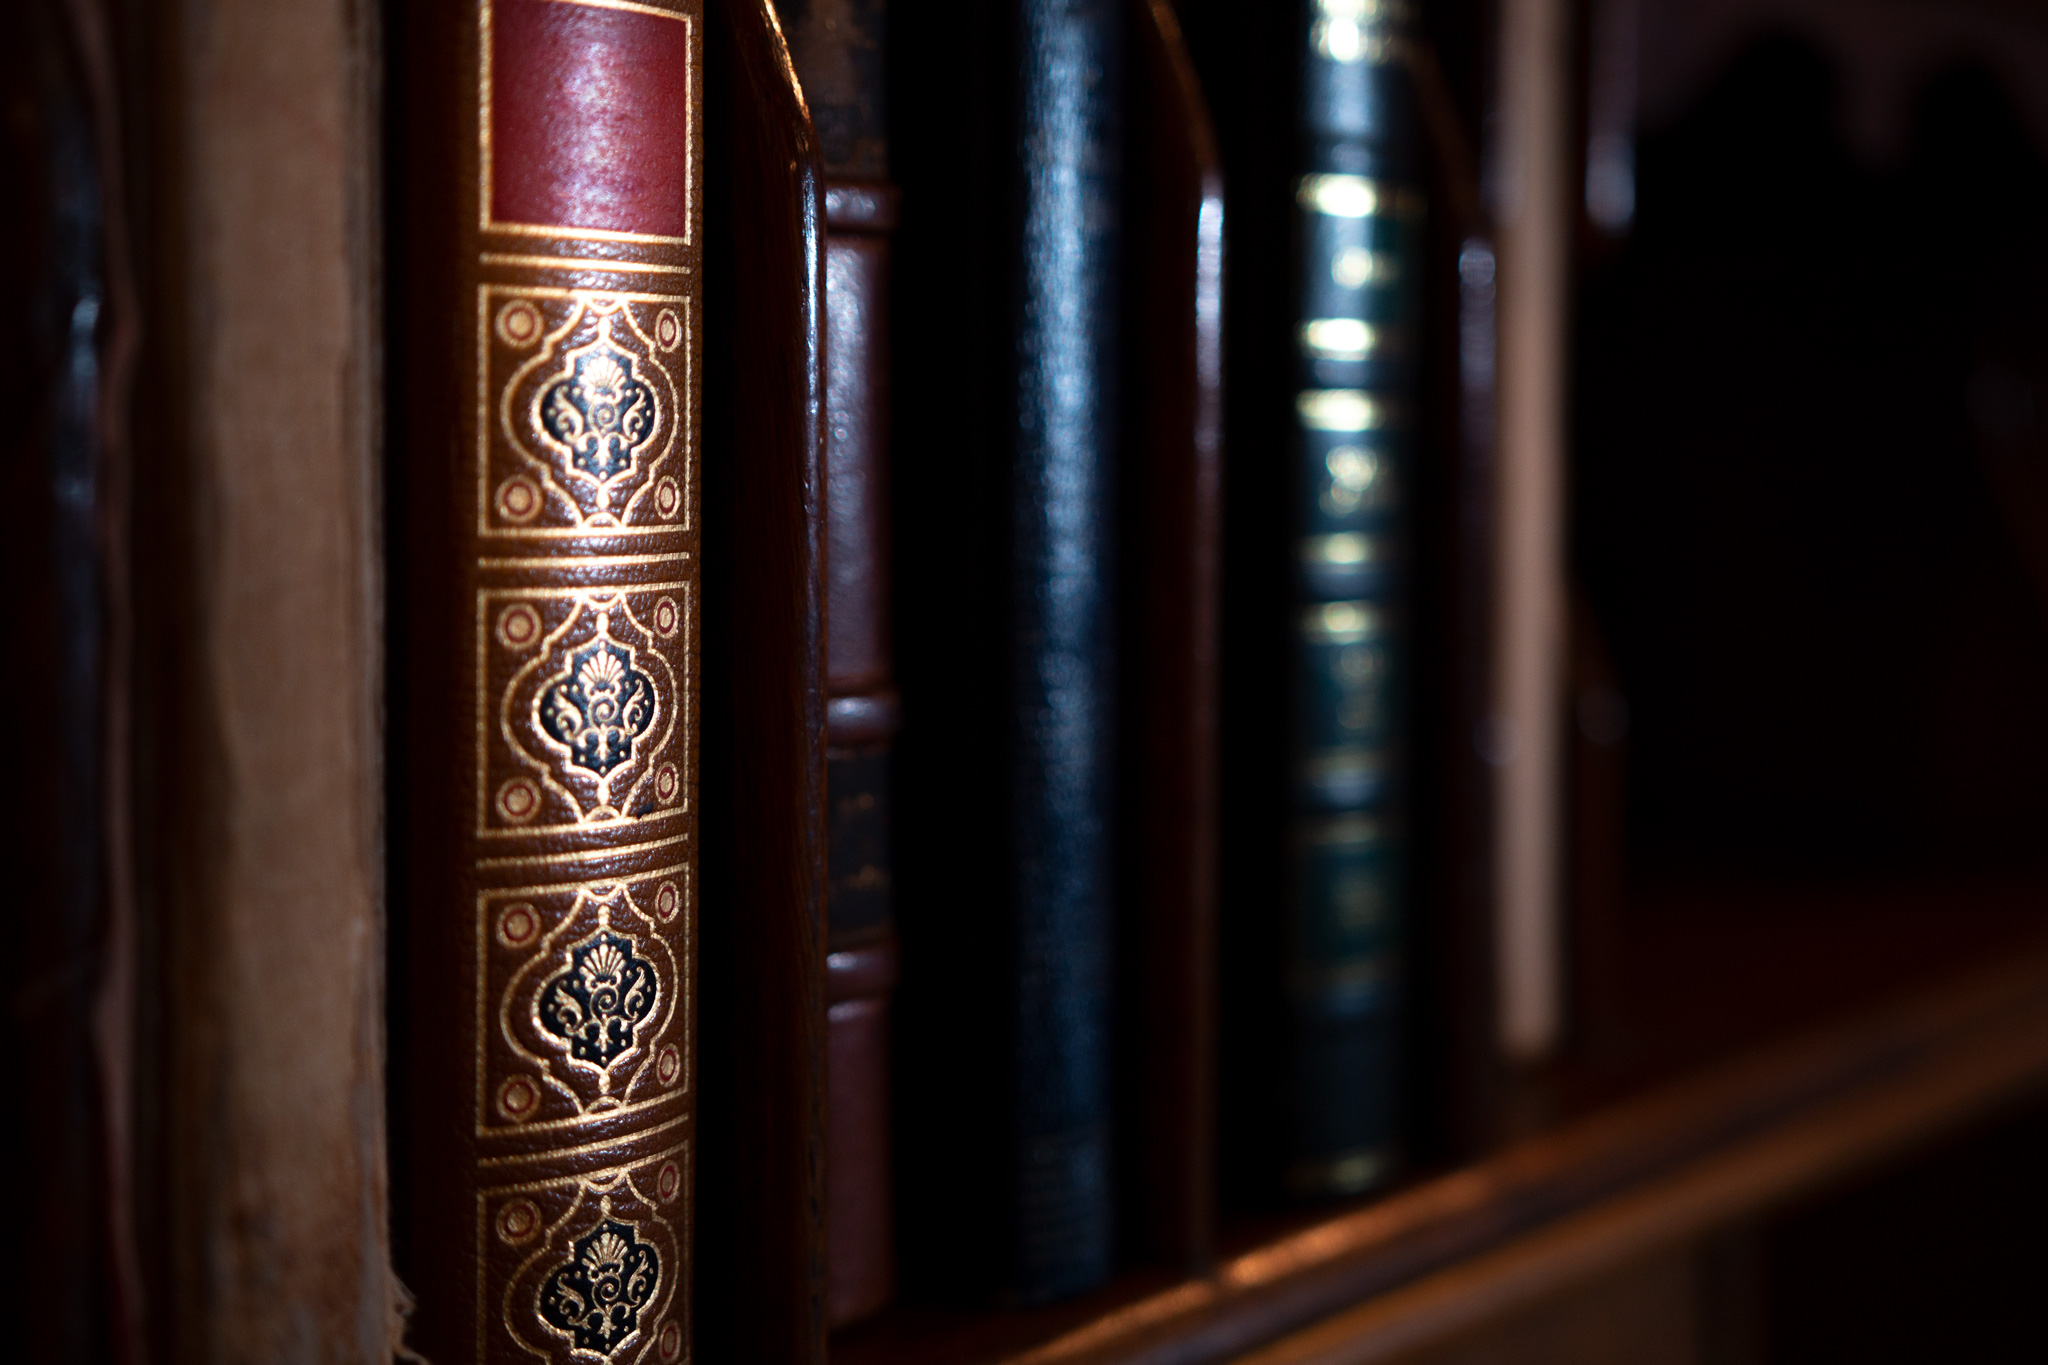 Colere-vouivre-photo-livres